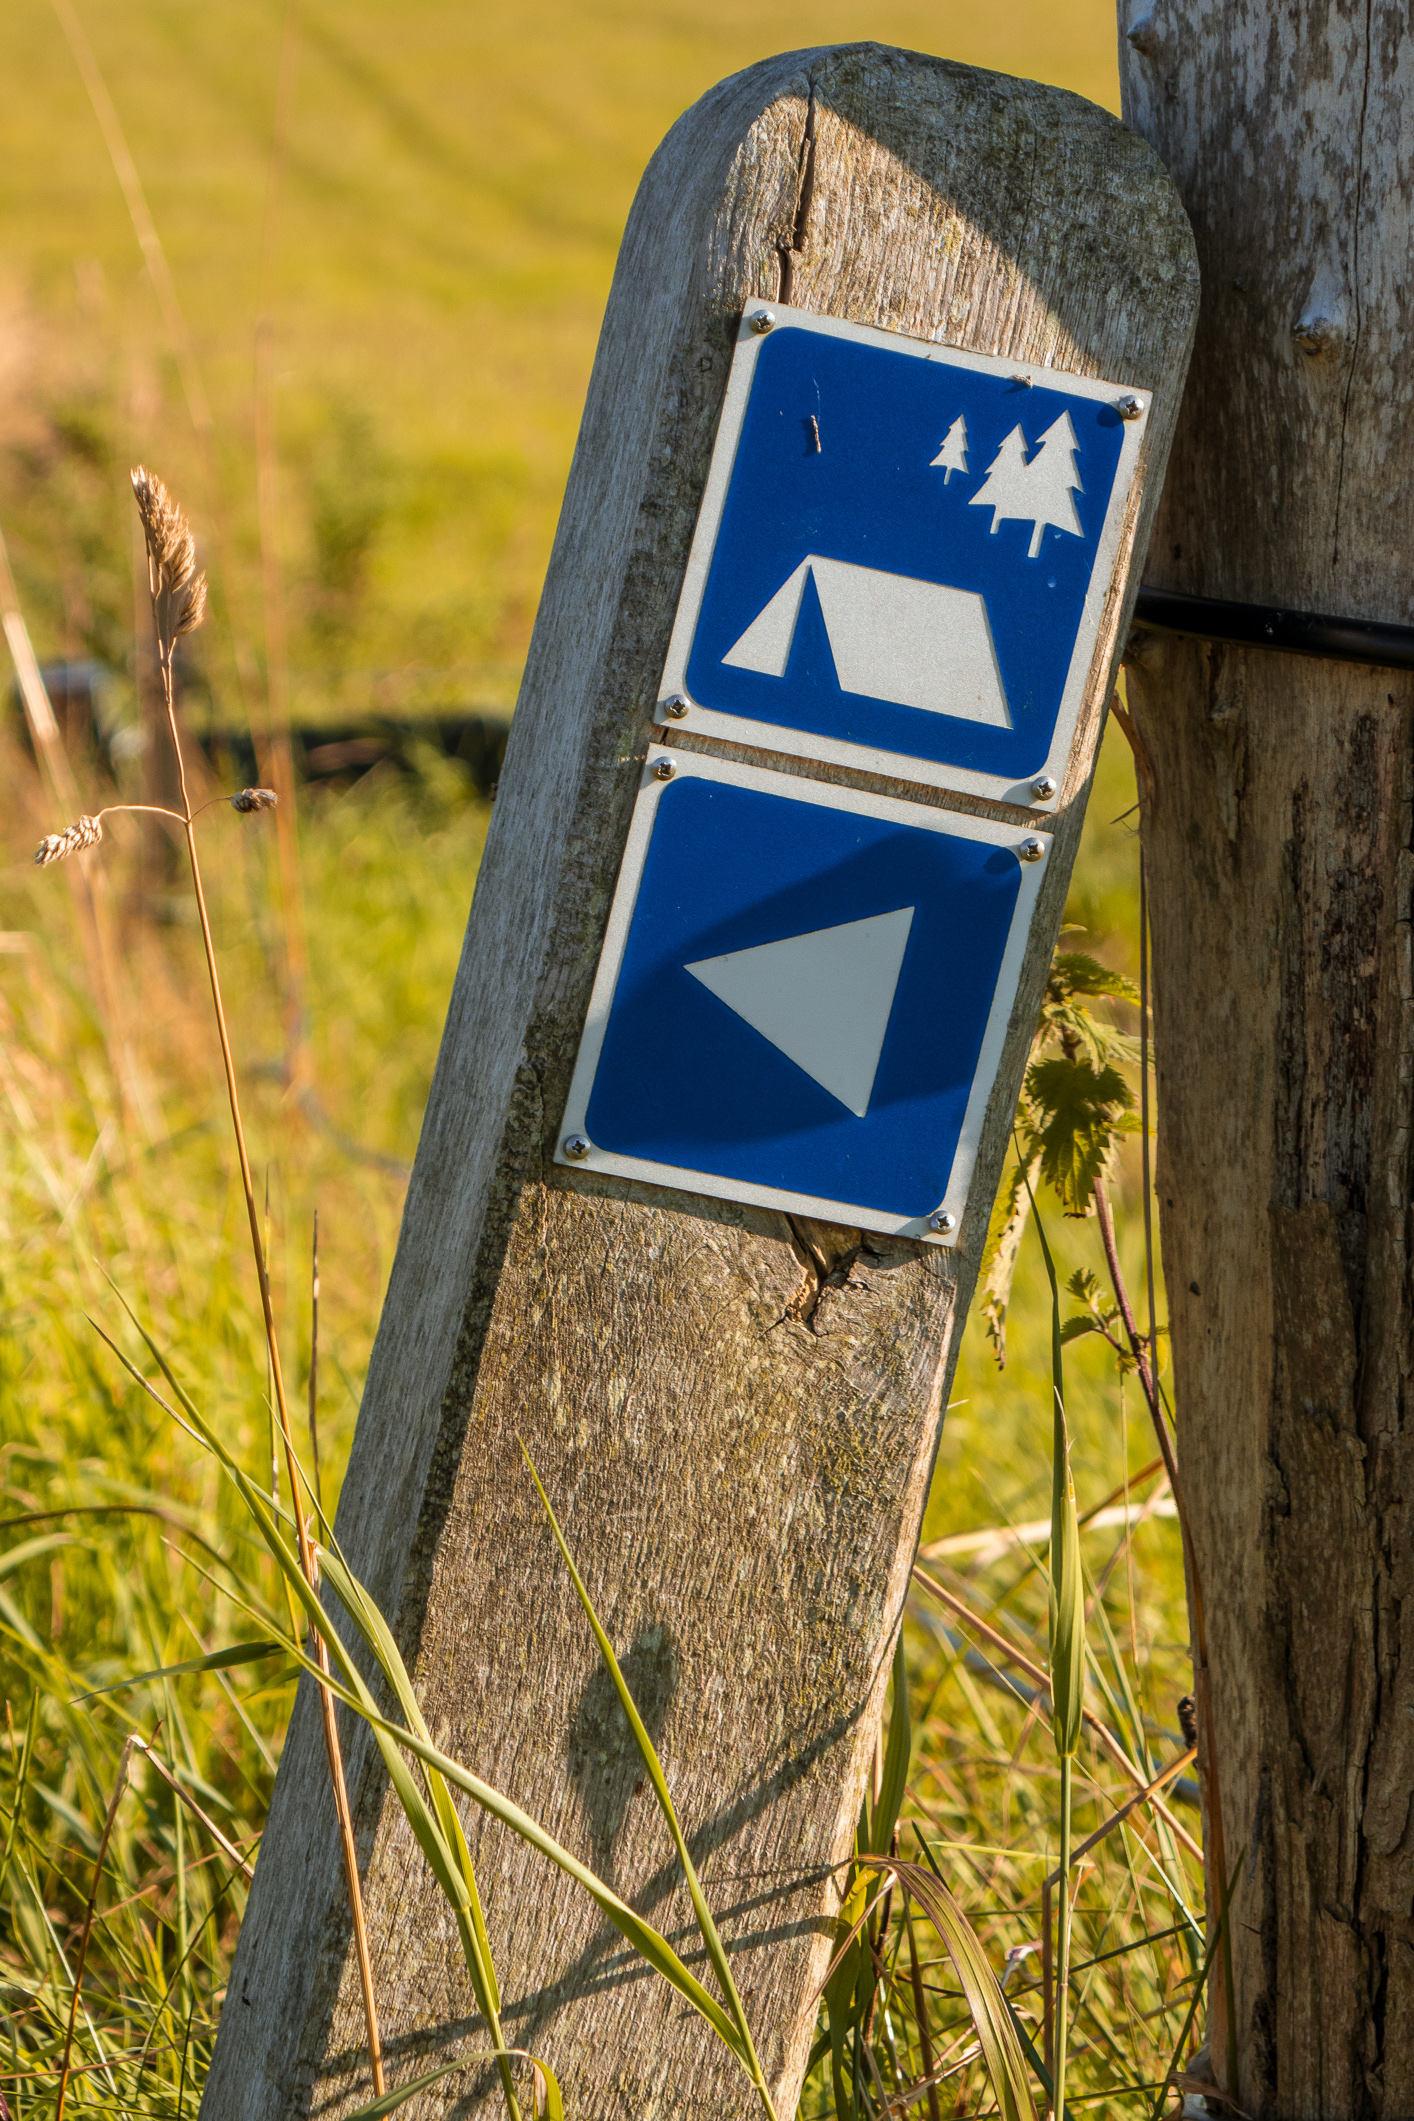 'Overnatning i det fri': Einfache Lagerplätze für Wanderer und Radfahrer